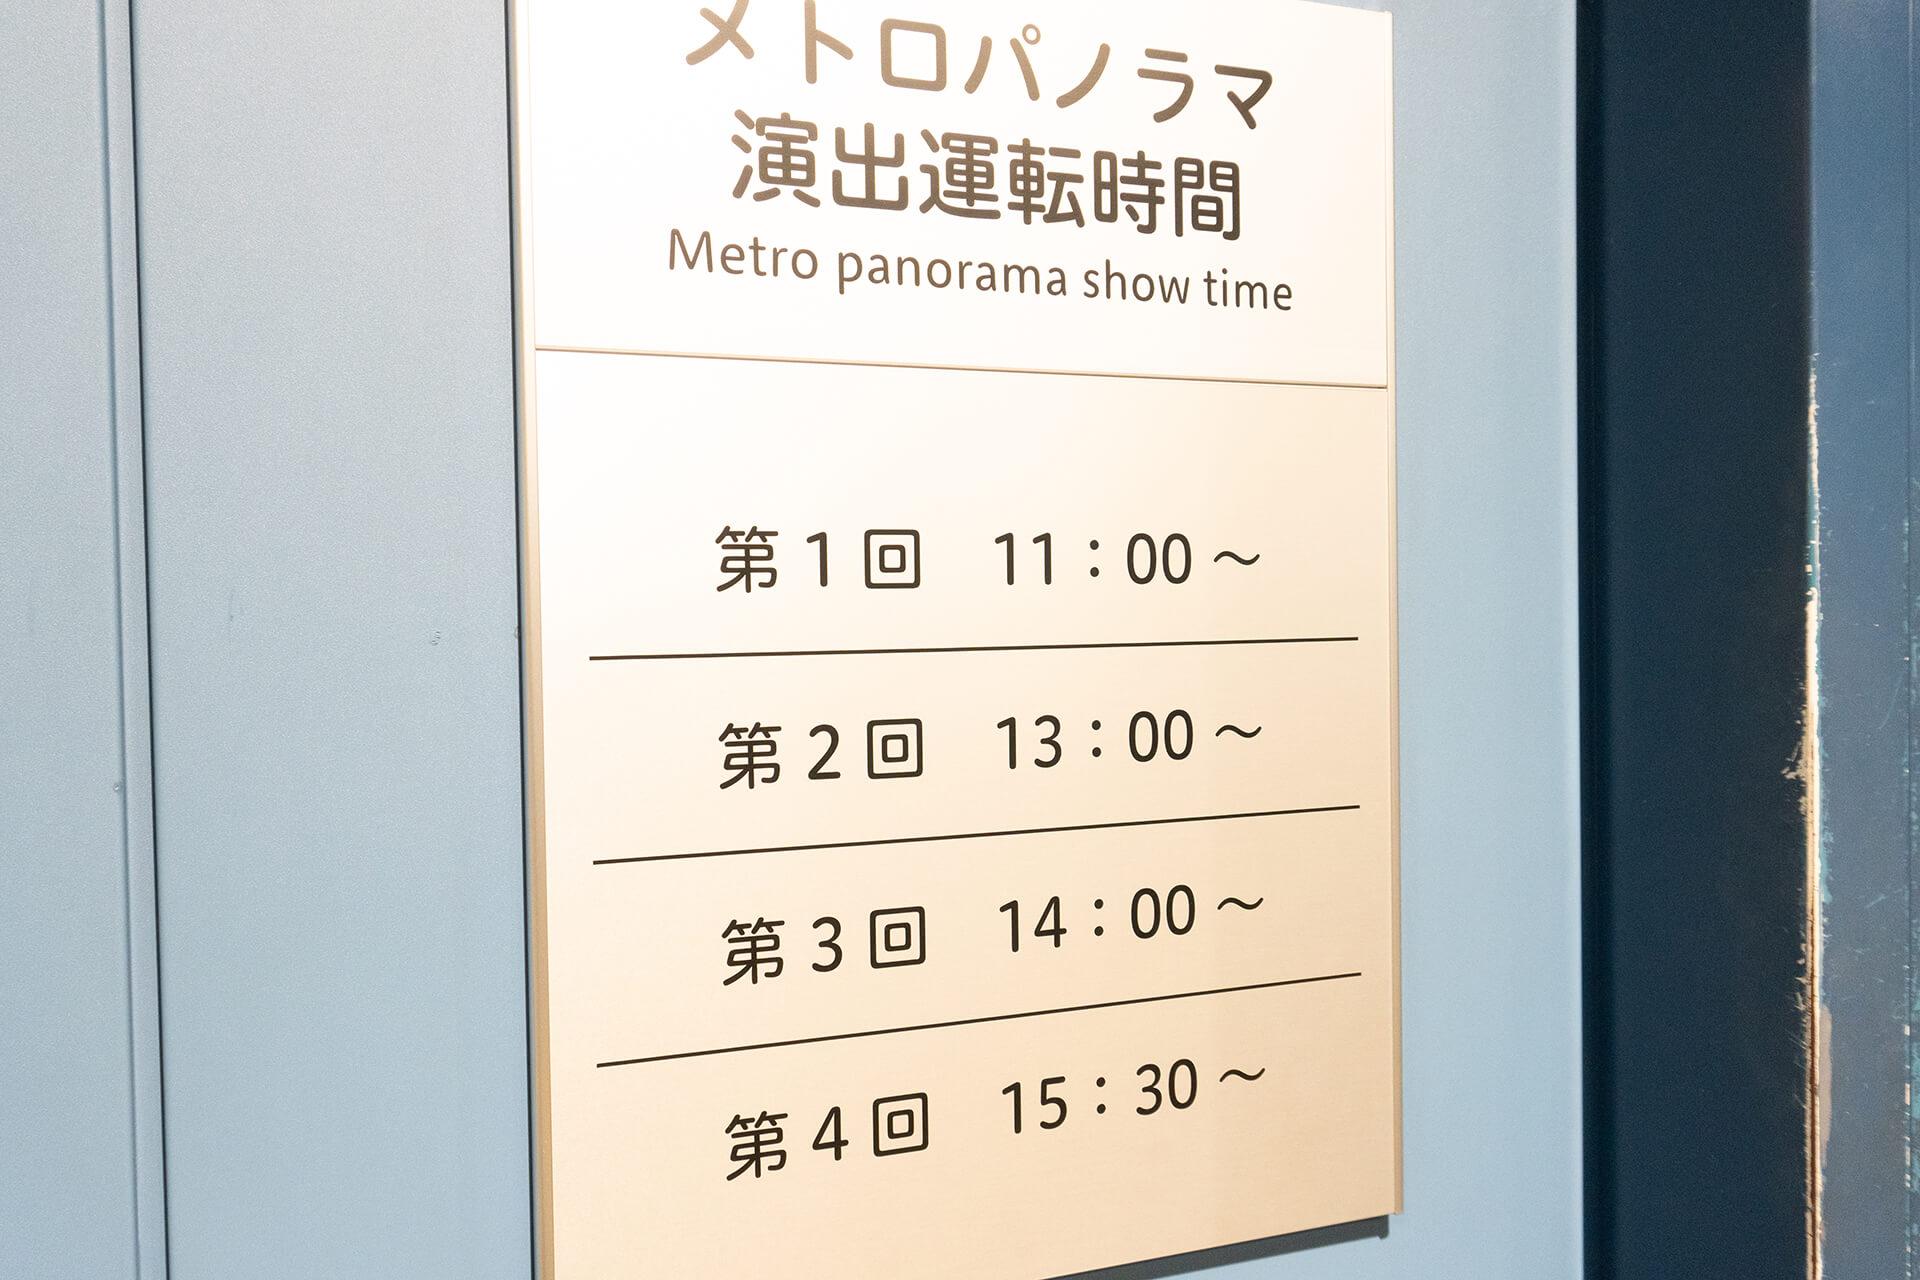 地下鉄博物館Nケージ